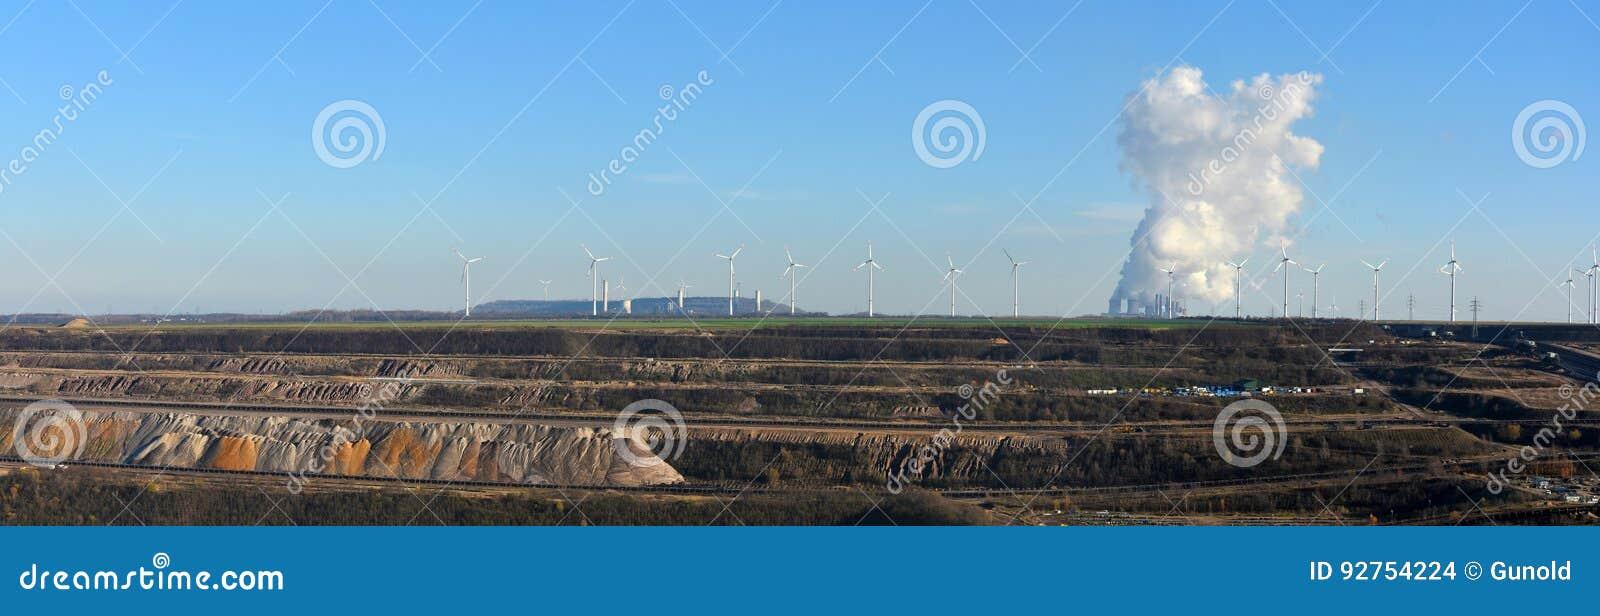 Panoramautsiktdagbrytning-, kraftverk- och vindenergi